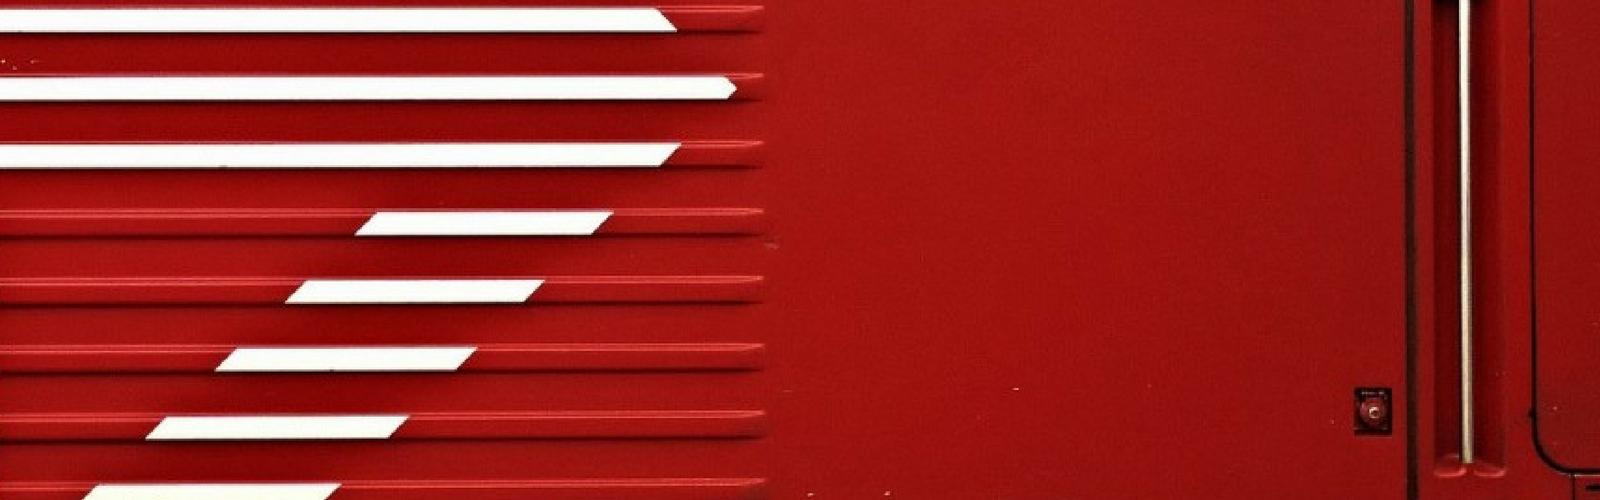 Lanciare Un Nuovo Brand Con le Pubbliche Relazioni Senza Sbagliare Treno